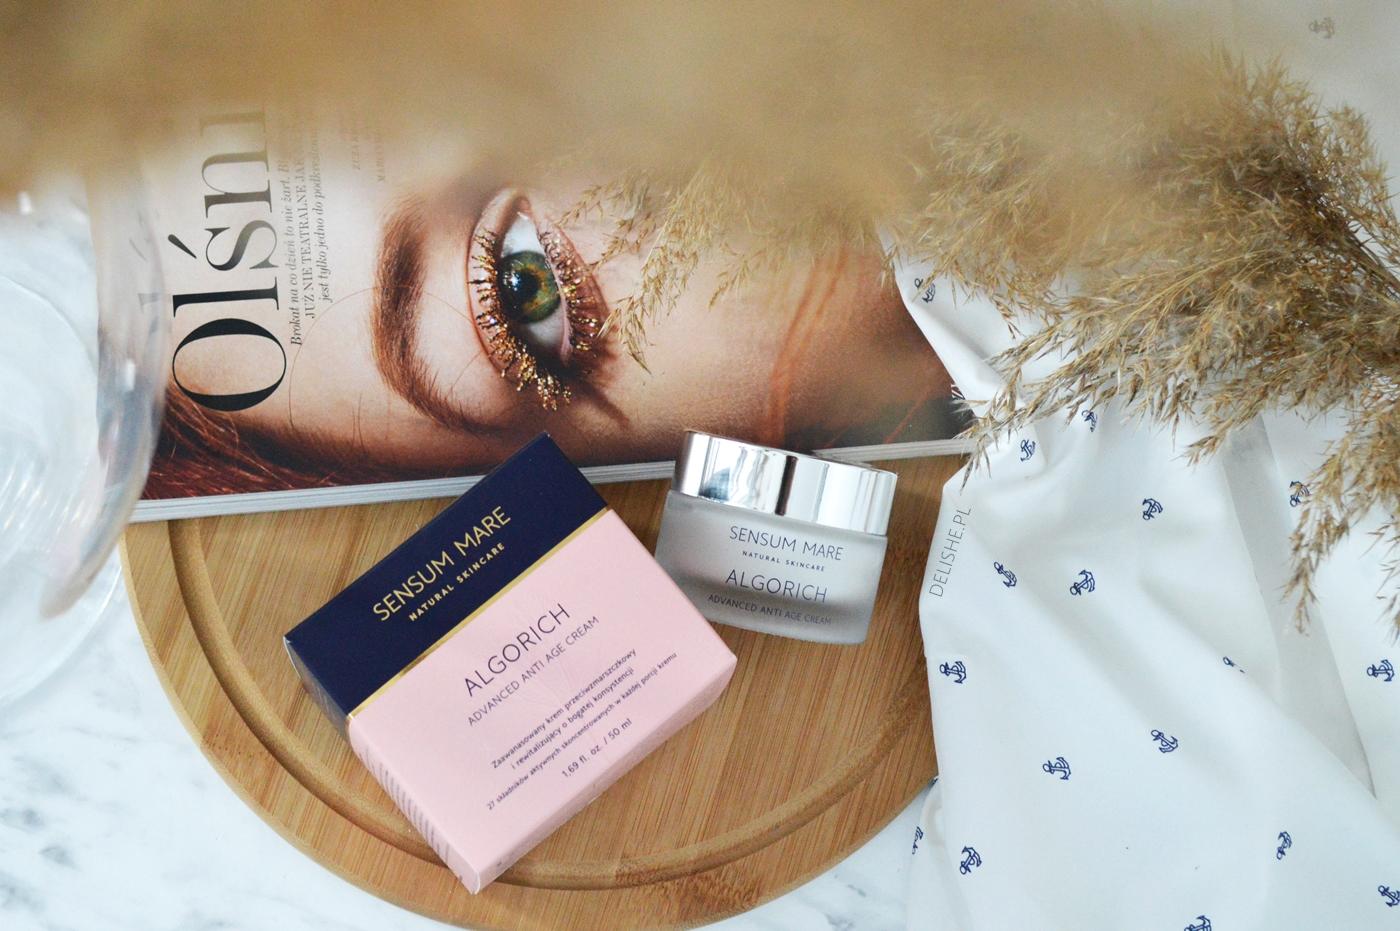 zakupy kosmetyczne blog sensum mare algorich